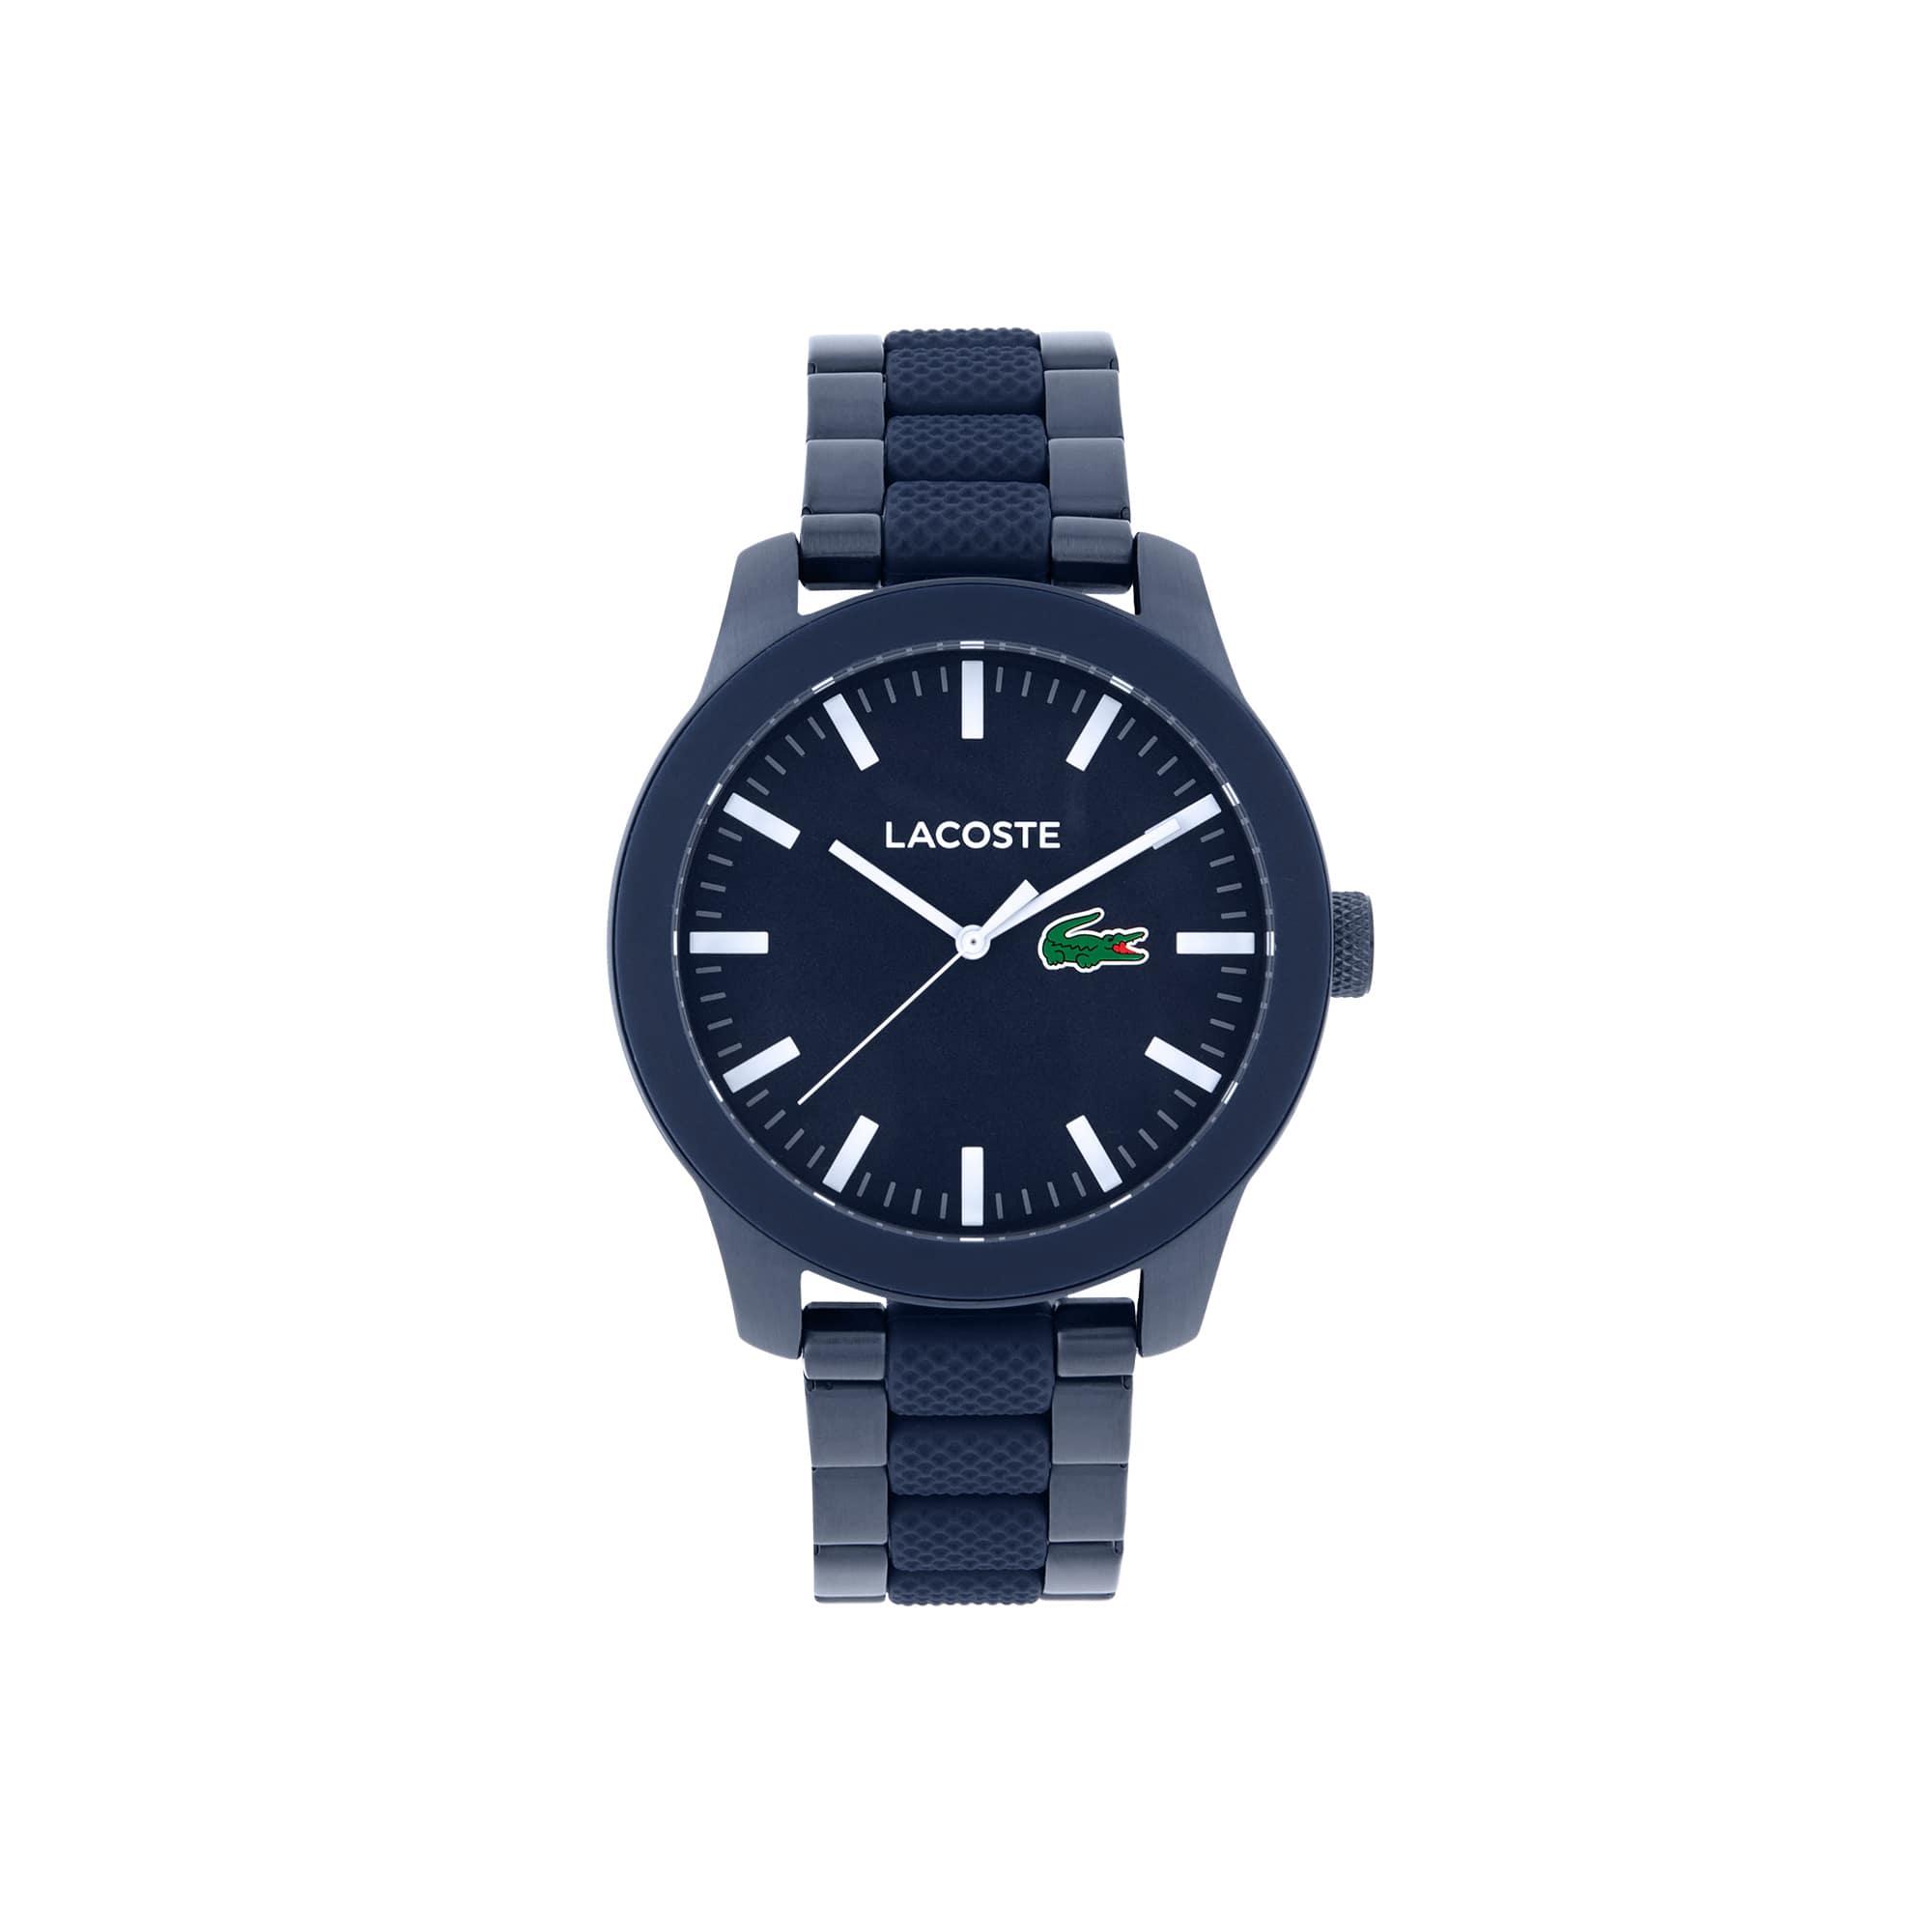 Relógio Lacoste 12.12 Homem com Bracelete em Aço Azul